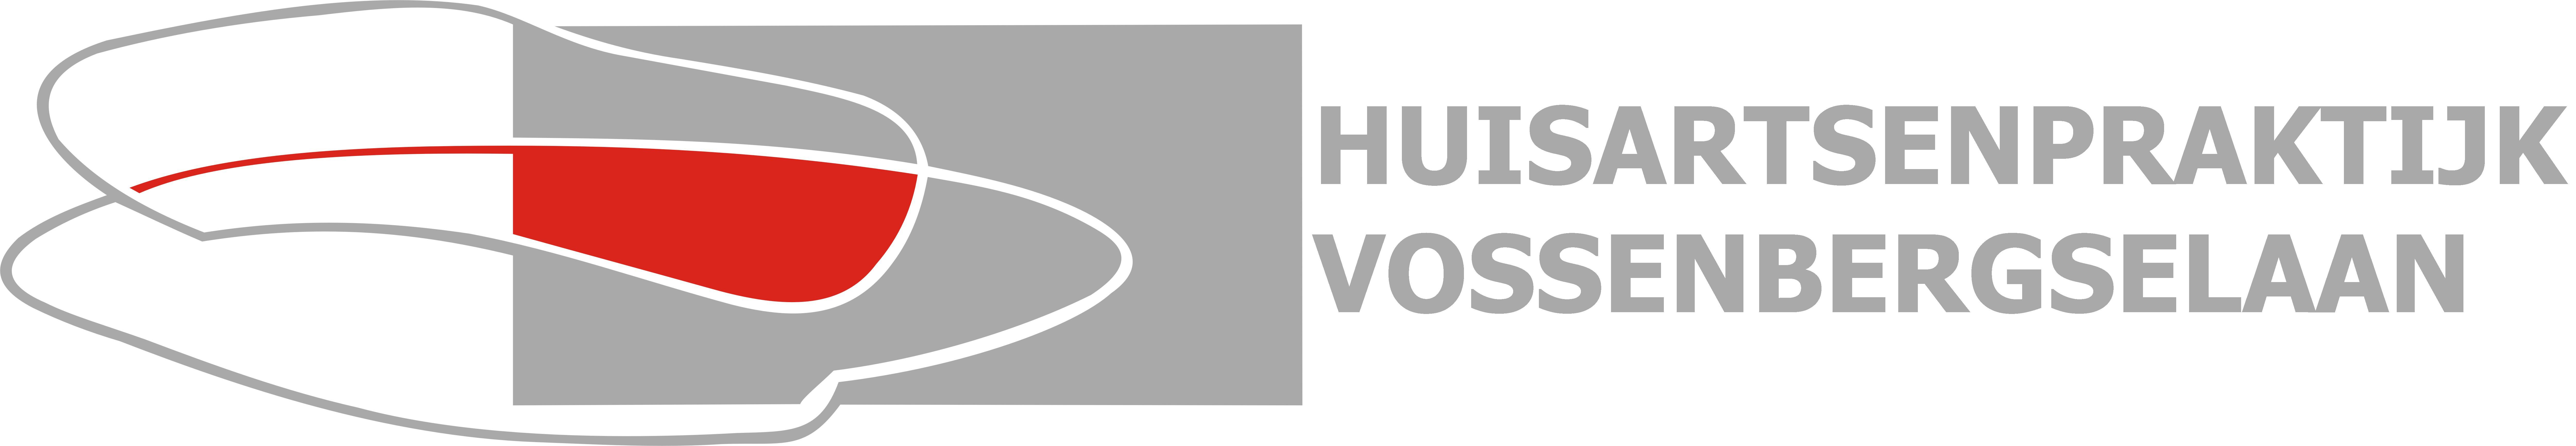 Huisartsenpraktijk Vossenbergselaan